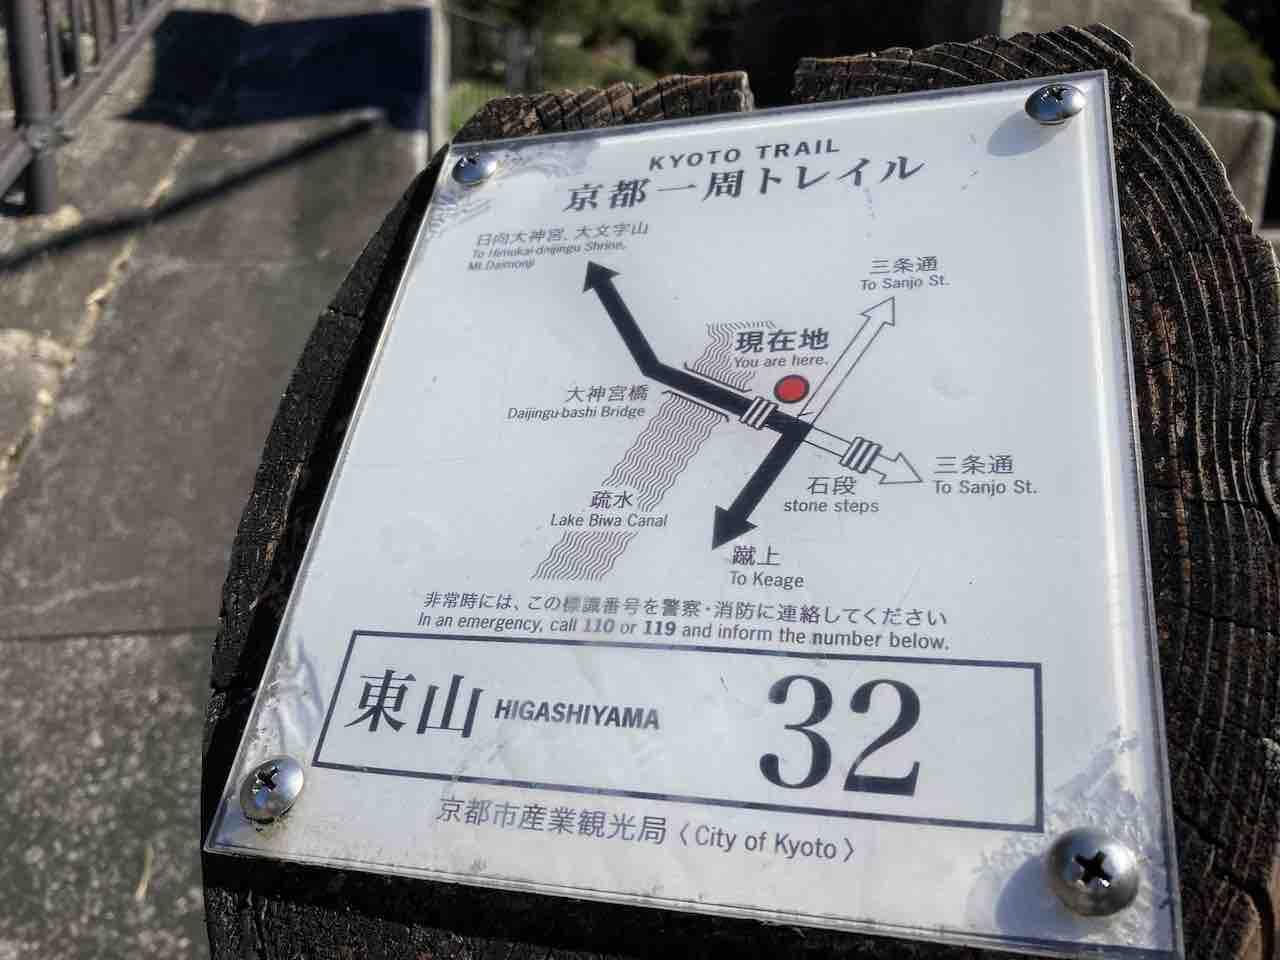 京都一周トレイル 蹴上エリア